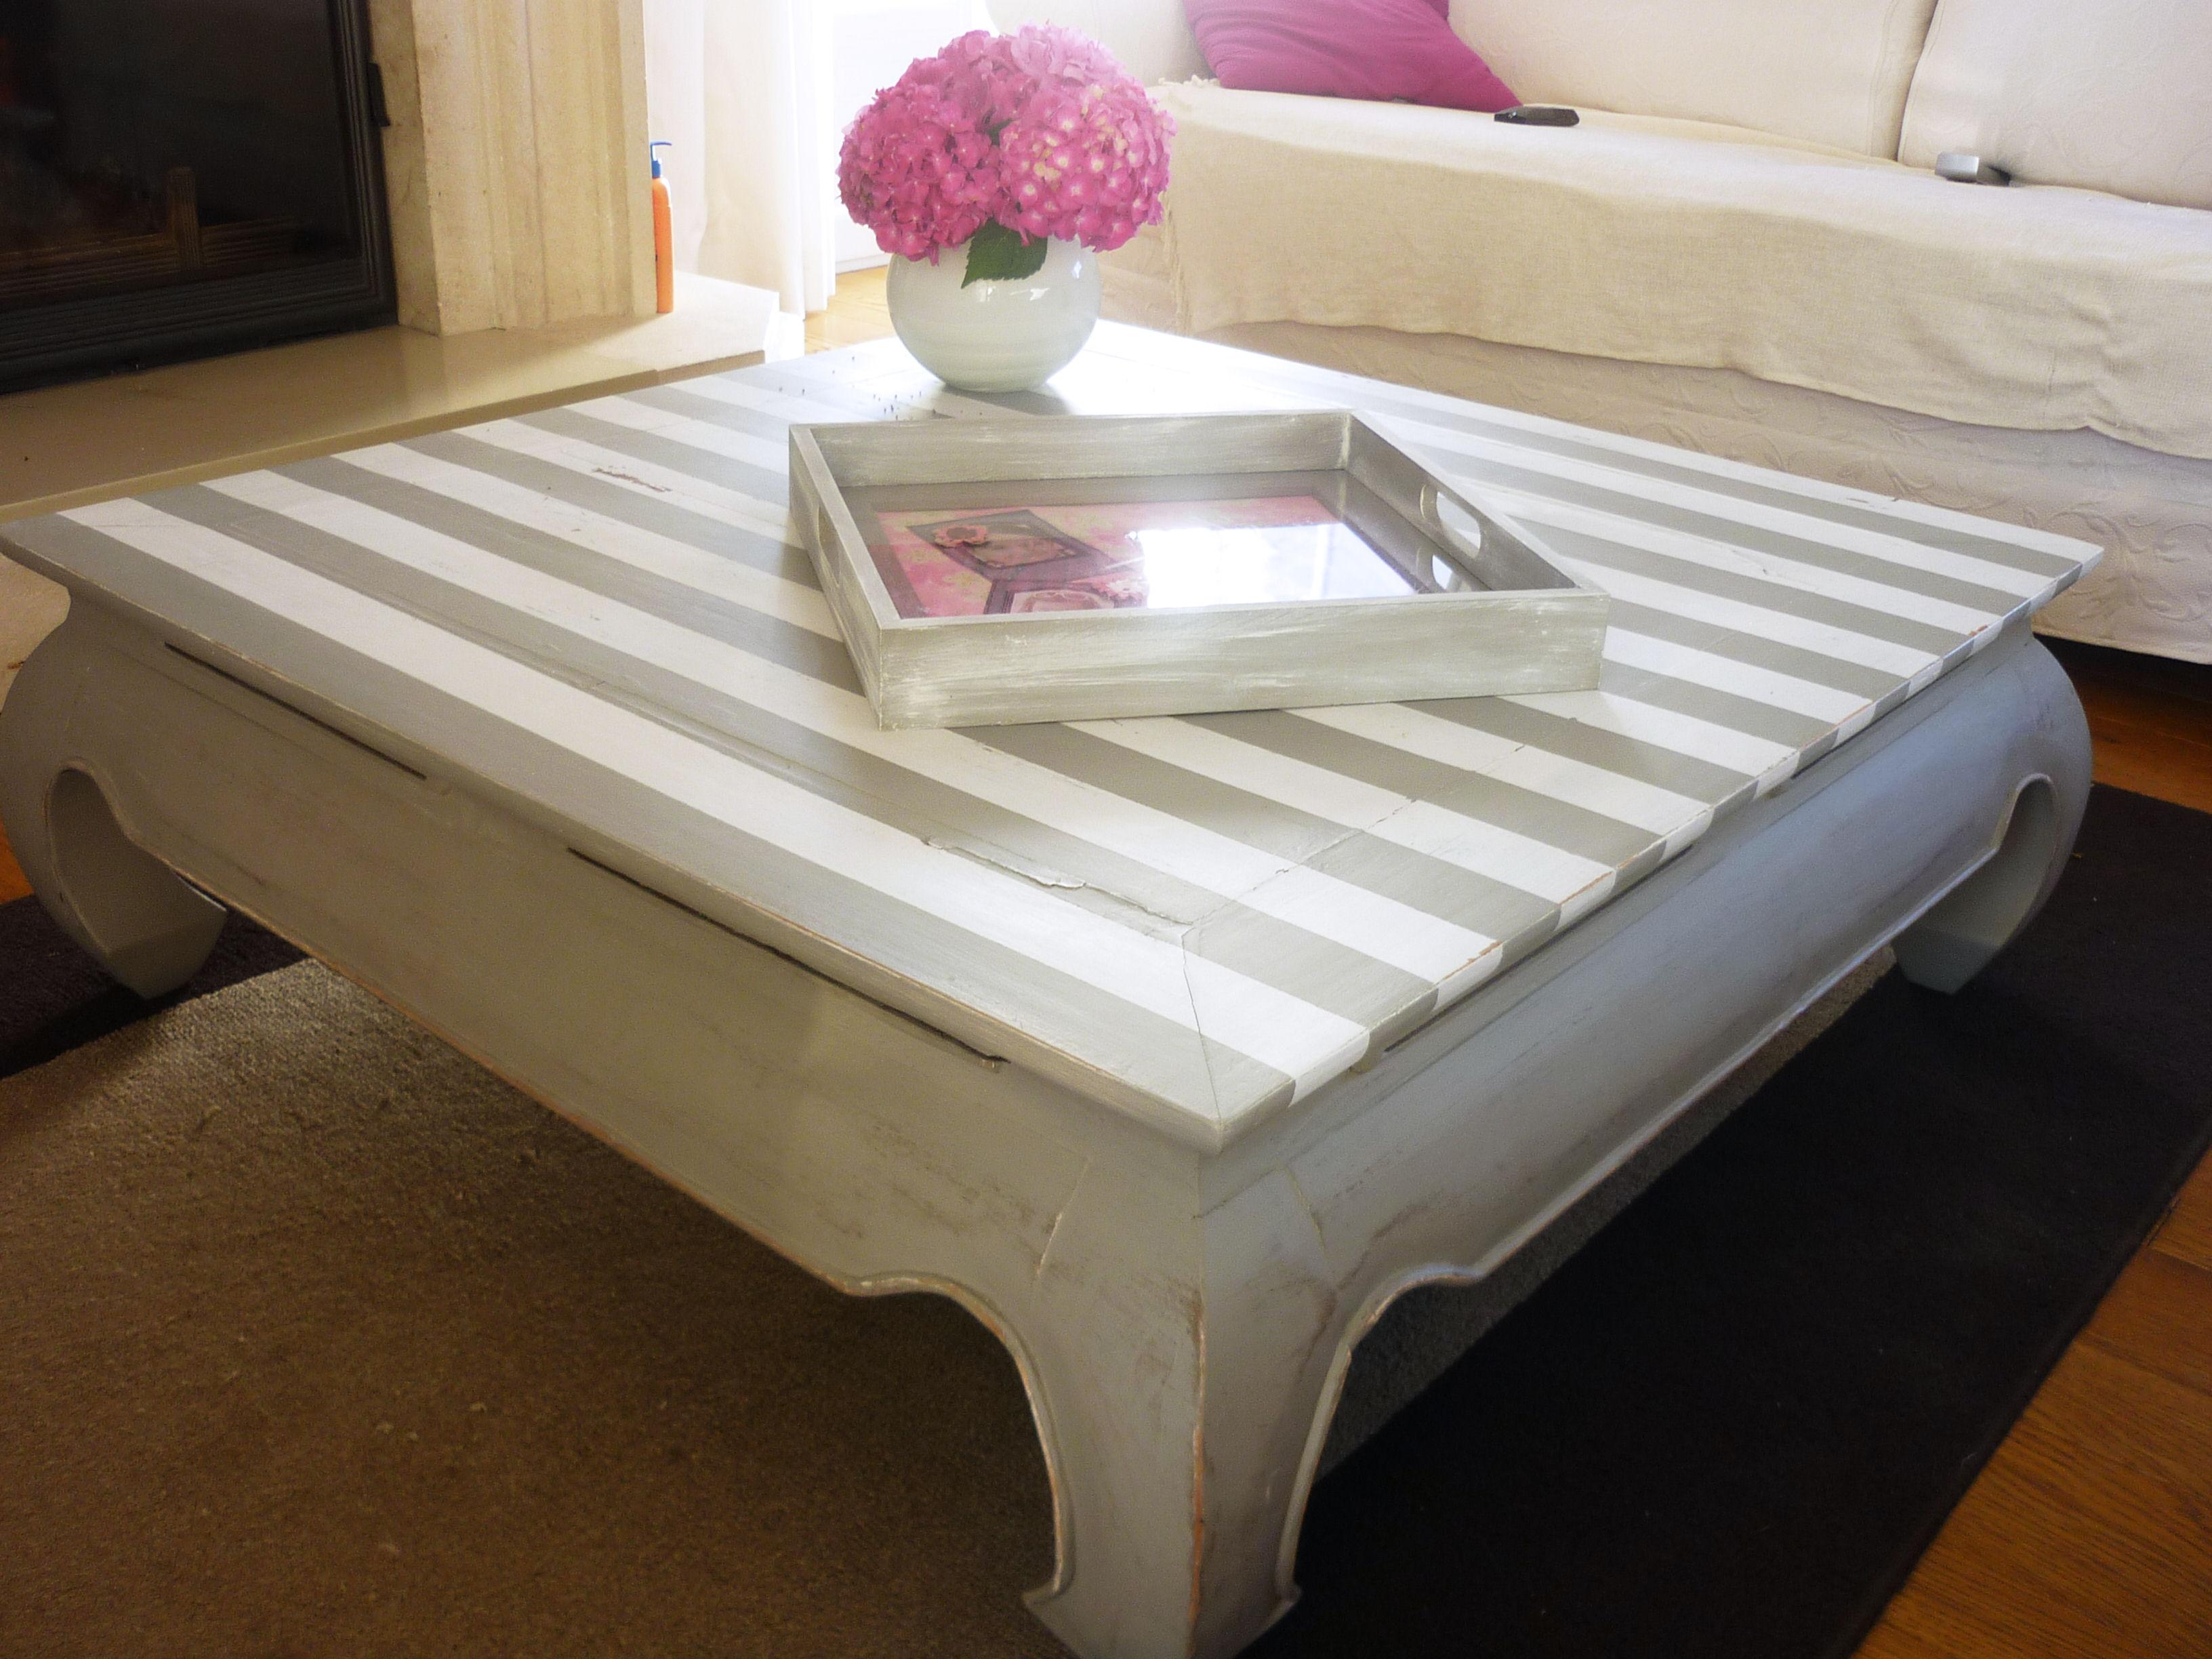 Comment Customiser Une Armoire comment trouver et décorer un meuble ancien avec succès ?